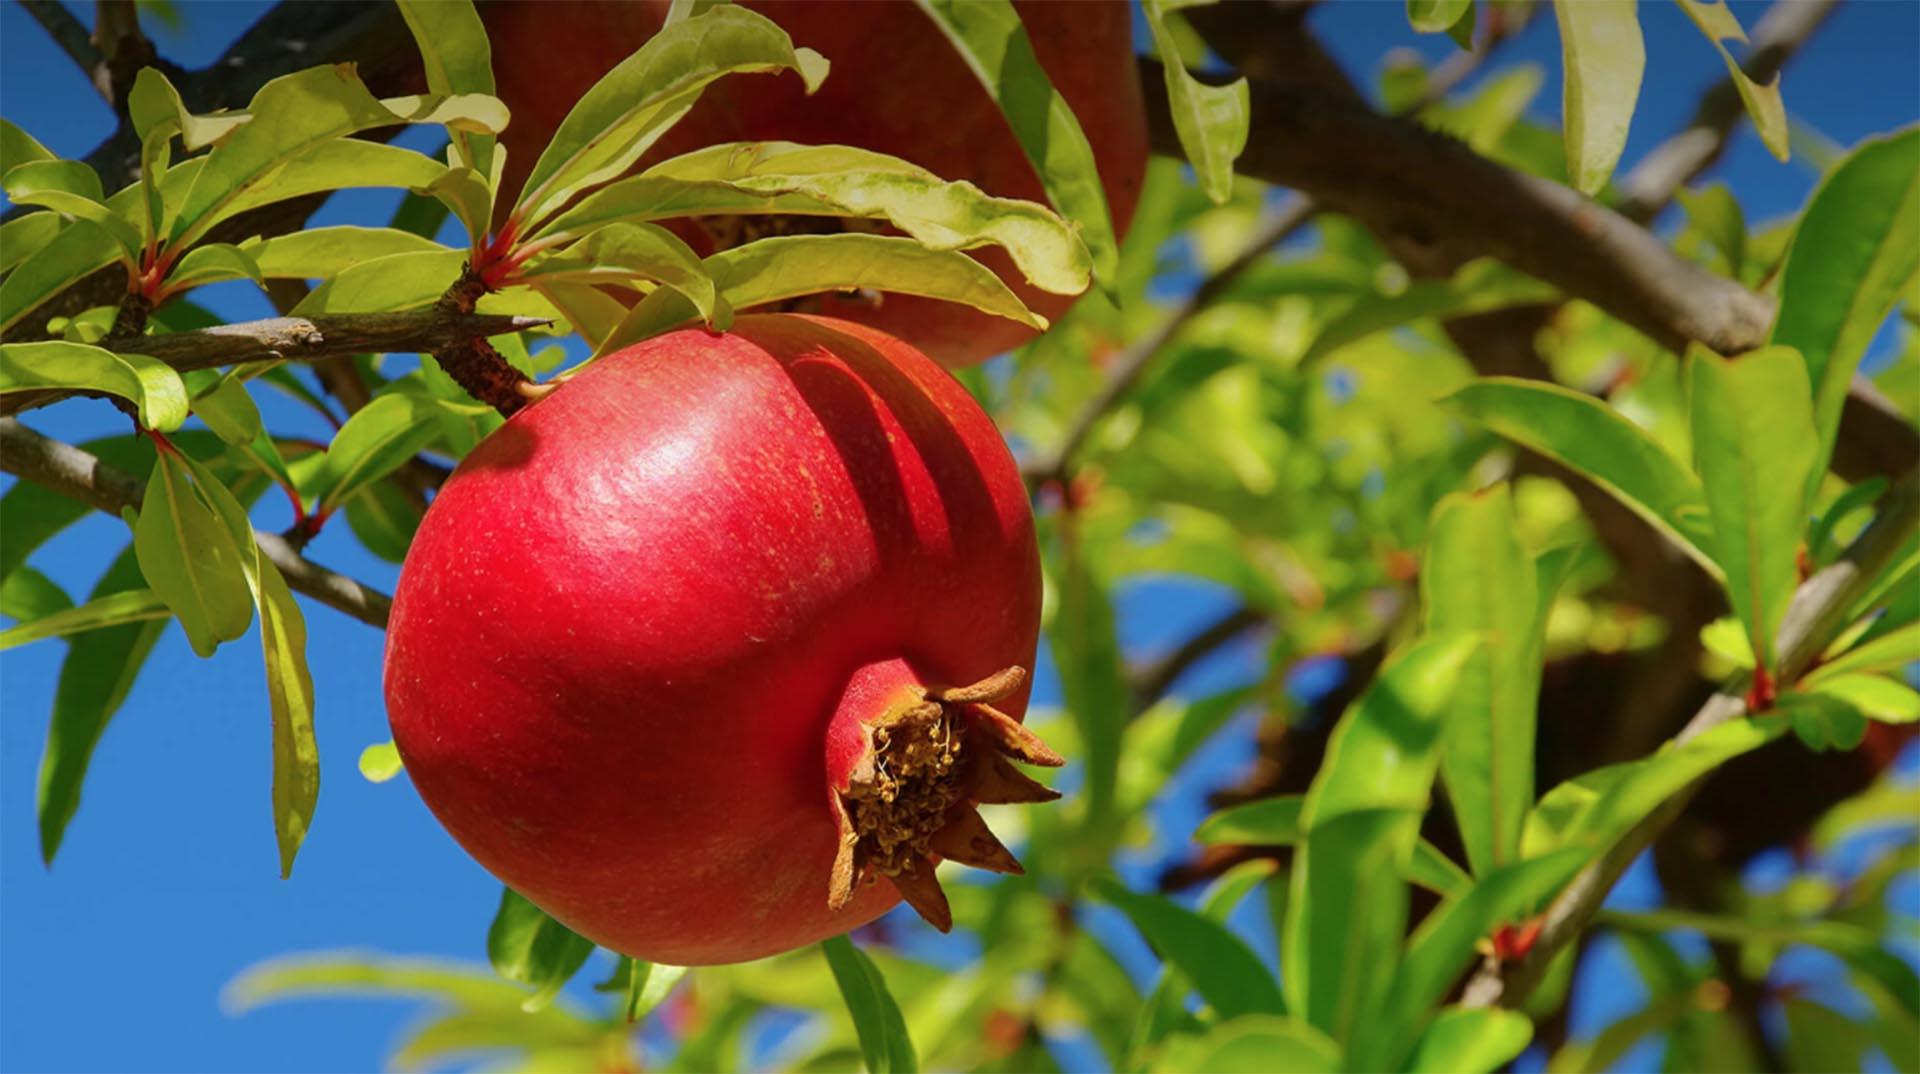 خواص پوست انار + موارد استفاده از جوشانده پوست انار